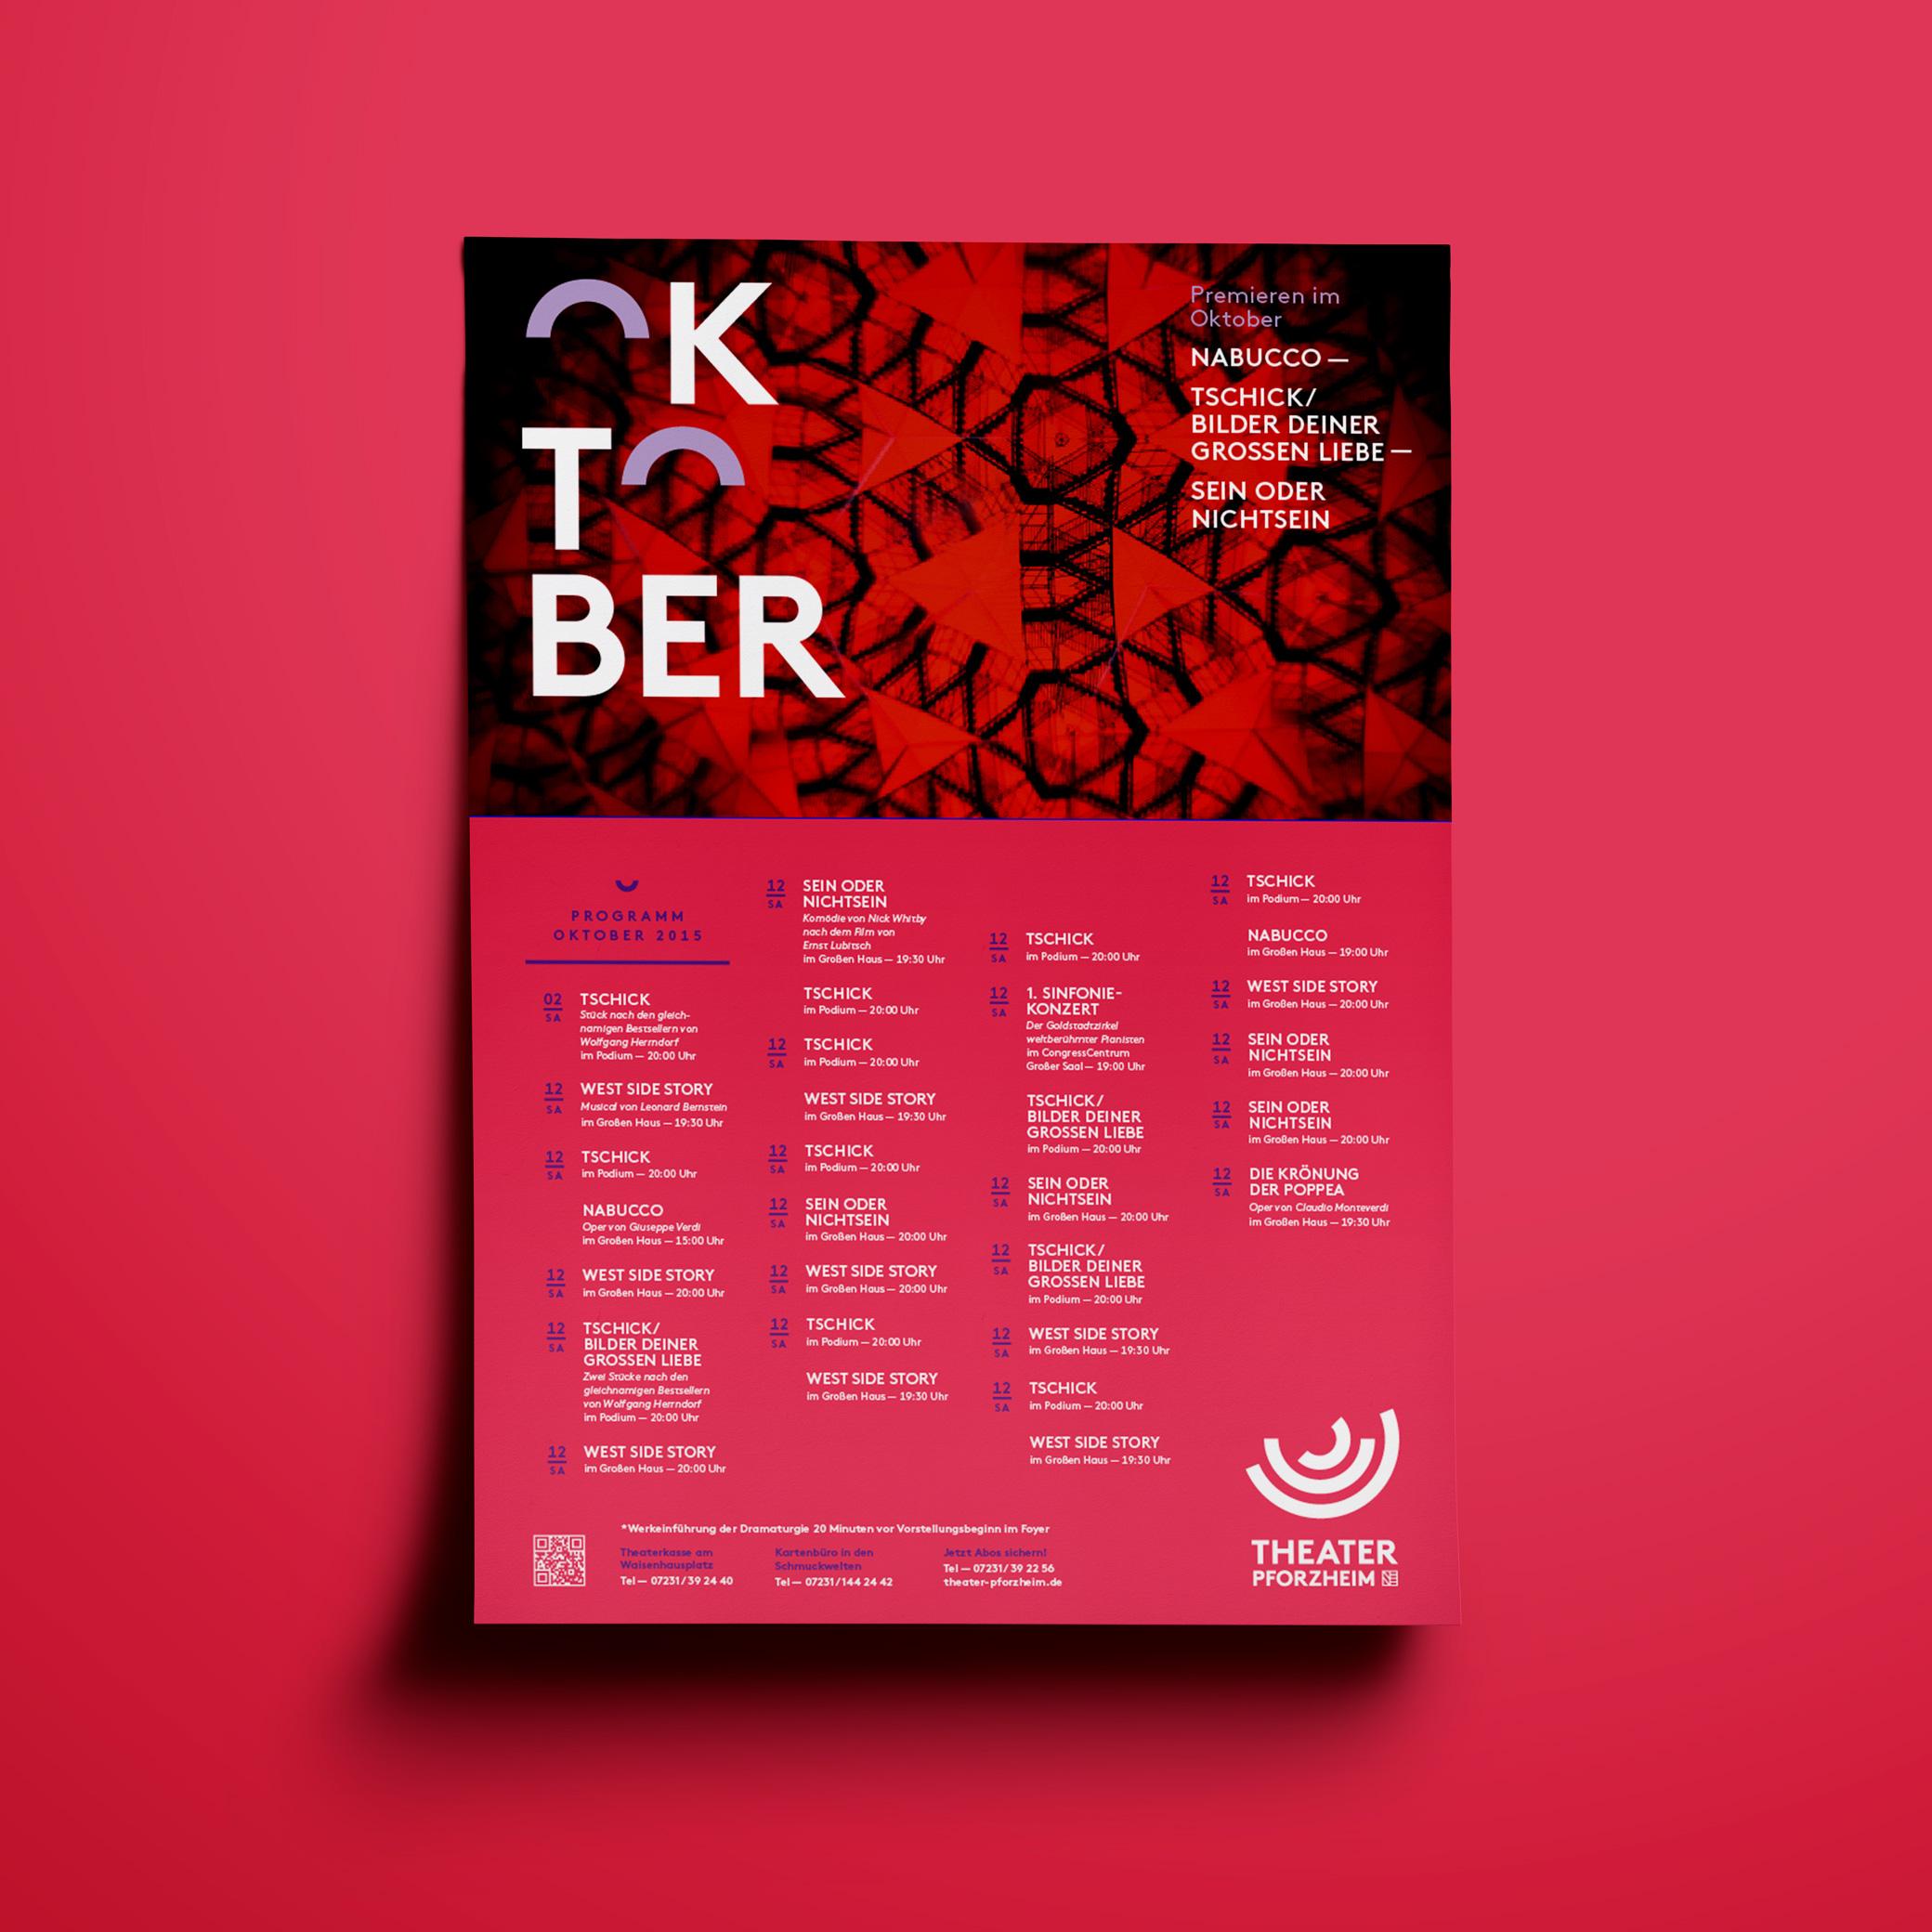 6DMBO-Studio-für-Gestaltung-Theater-Pforzheim